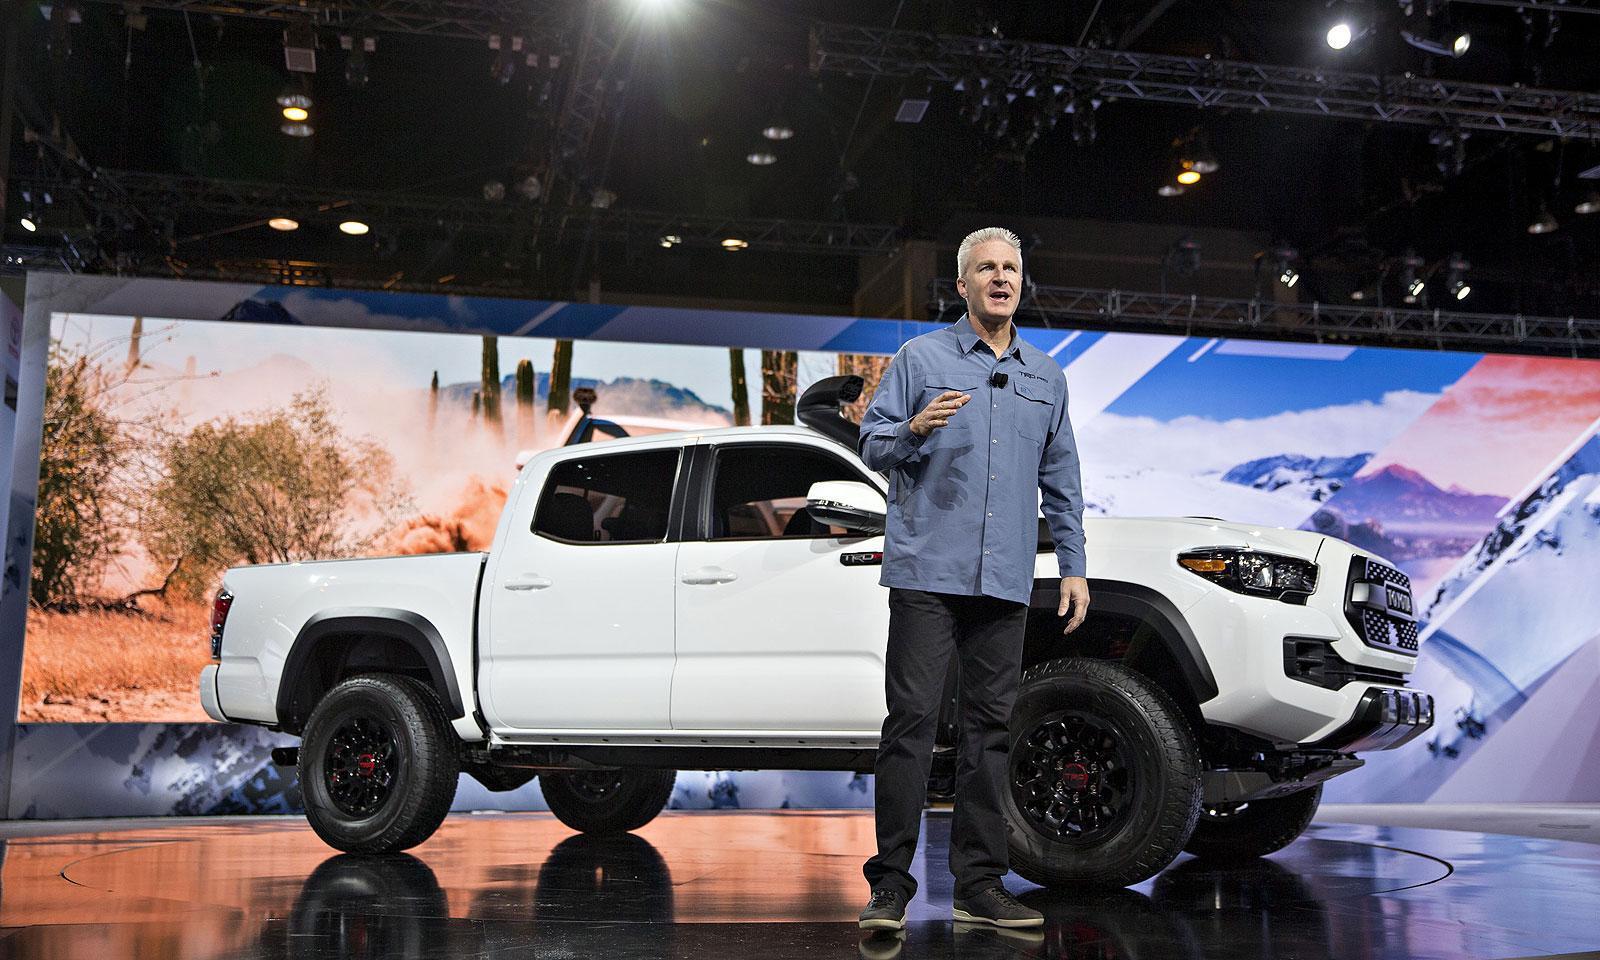 迎合美国市场 丰田将提高跨界车与皮卡产品比例